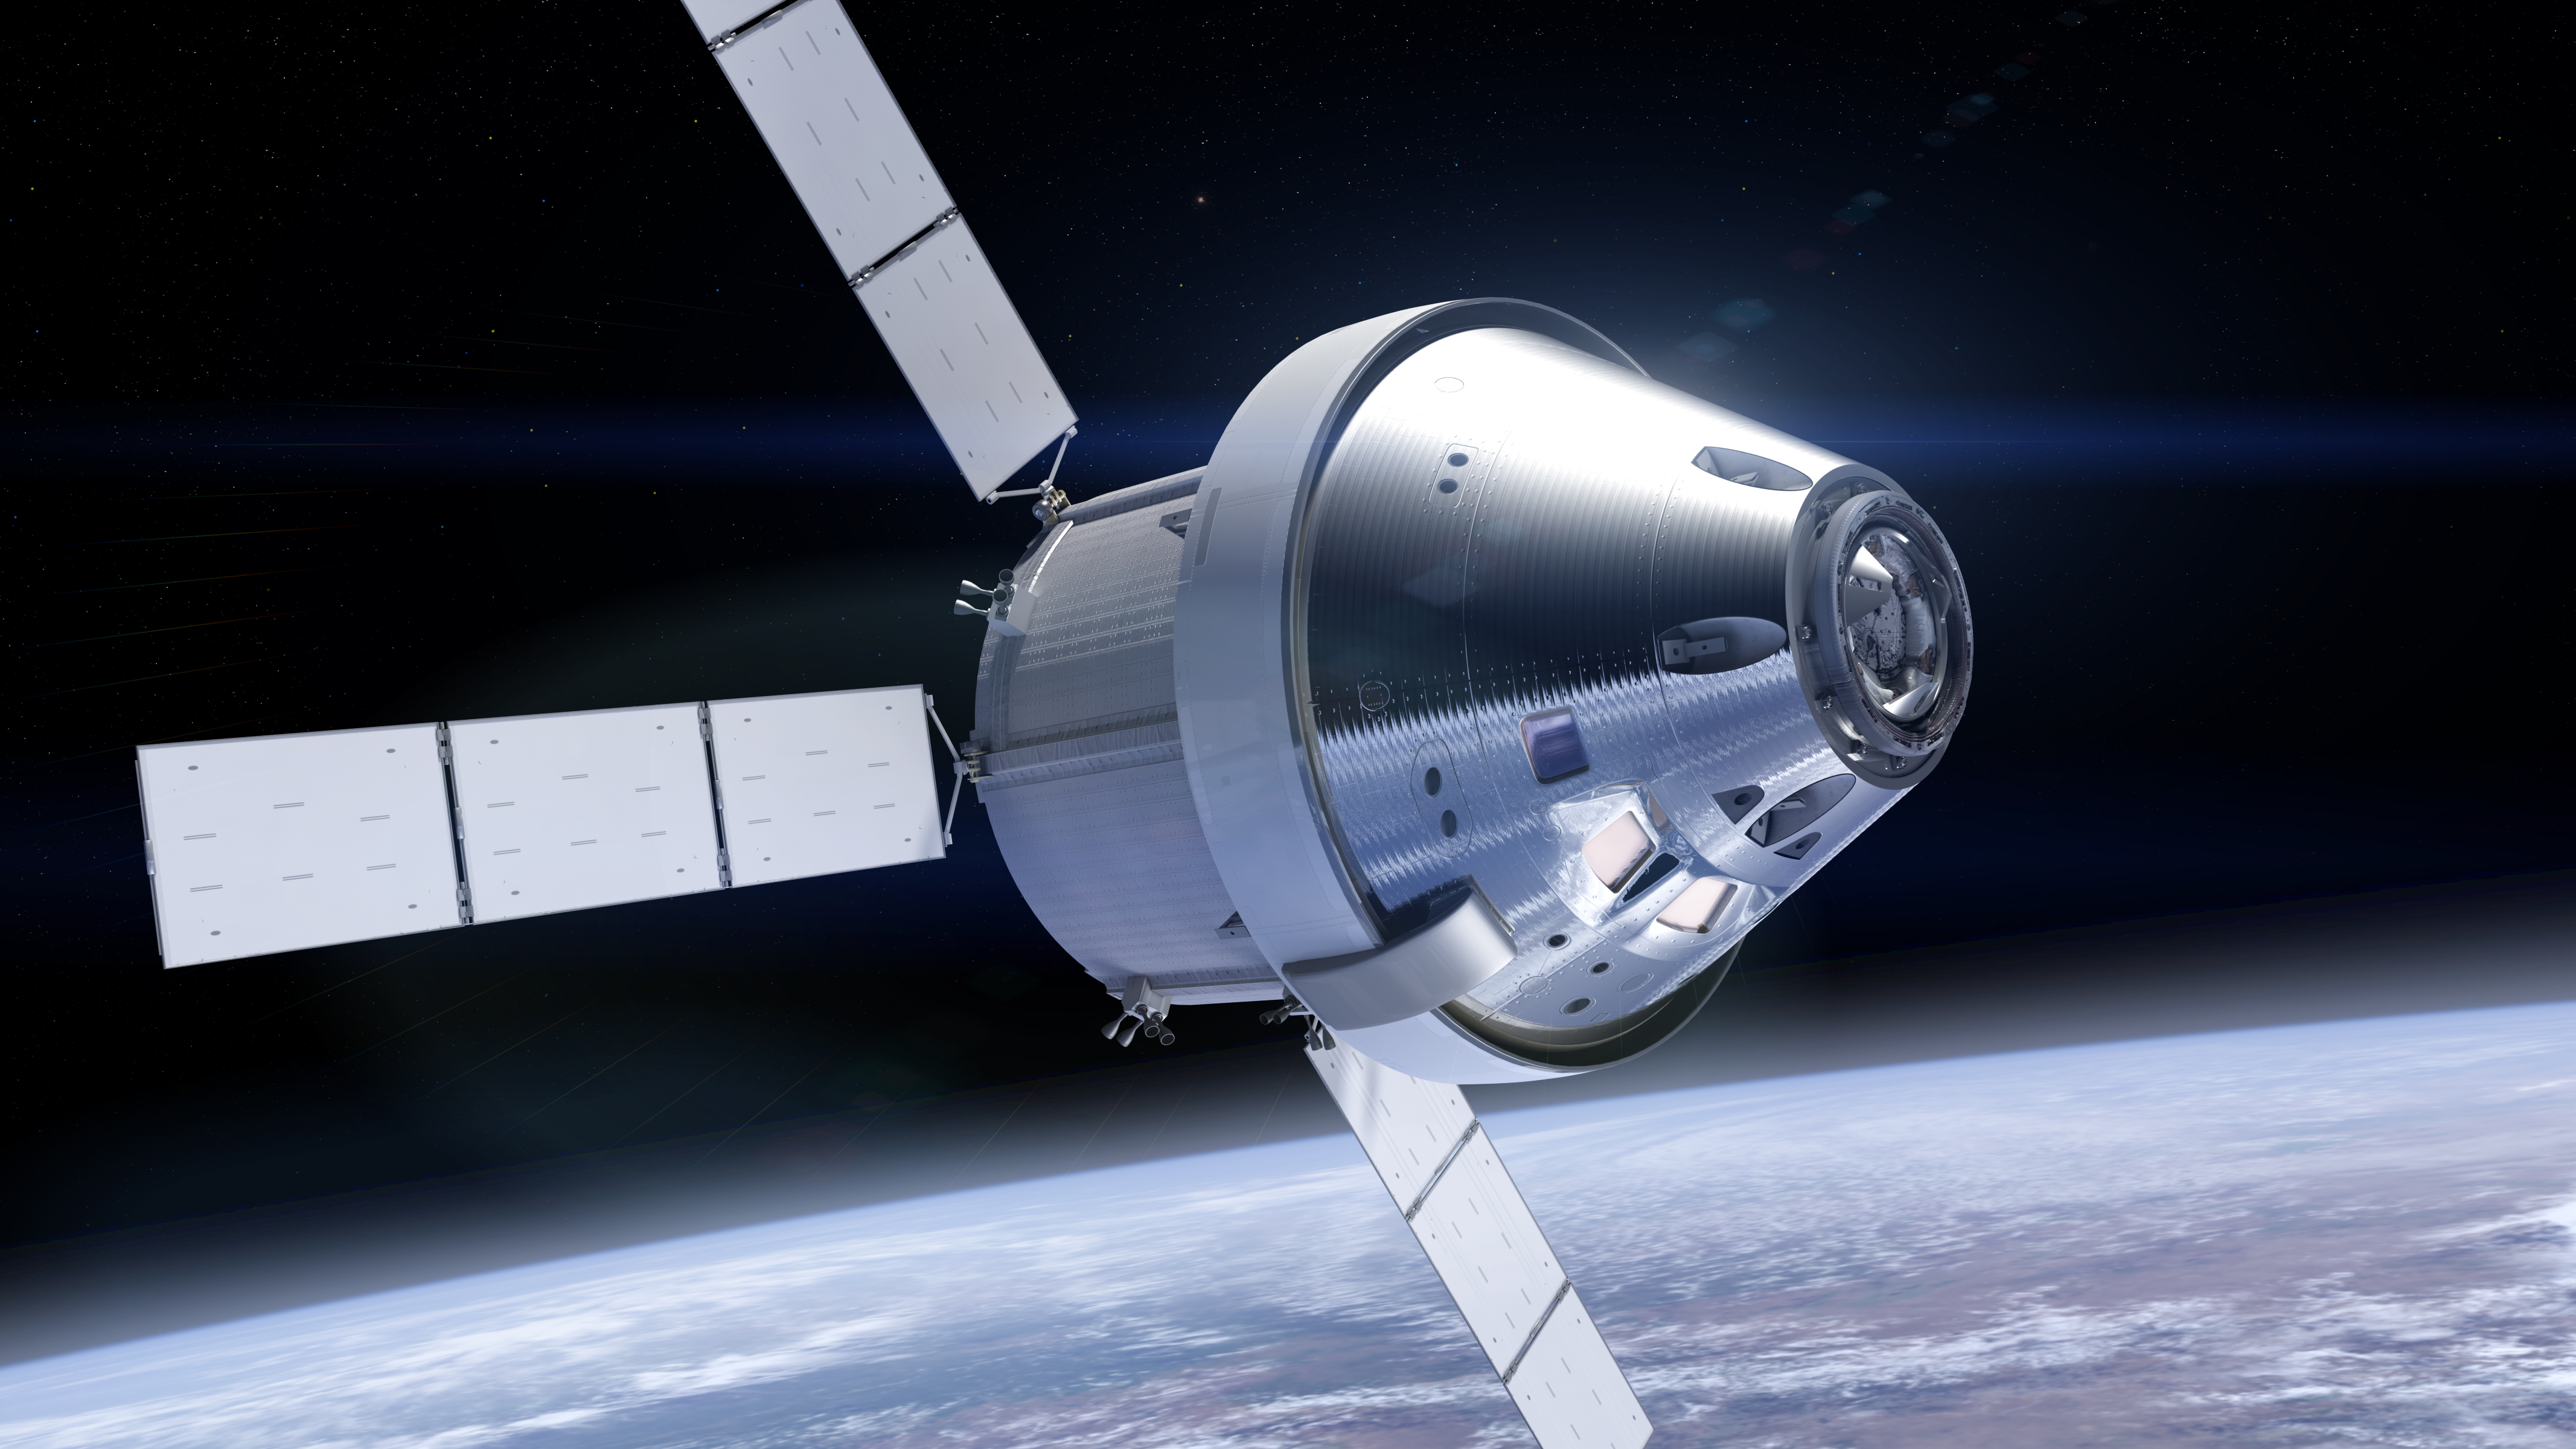 Un module de service Airbus DS pour aller marcher sur la Lune ?